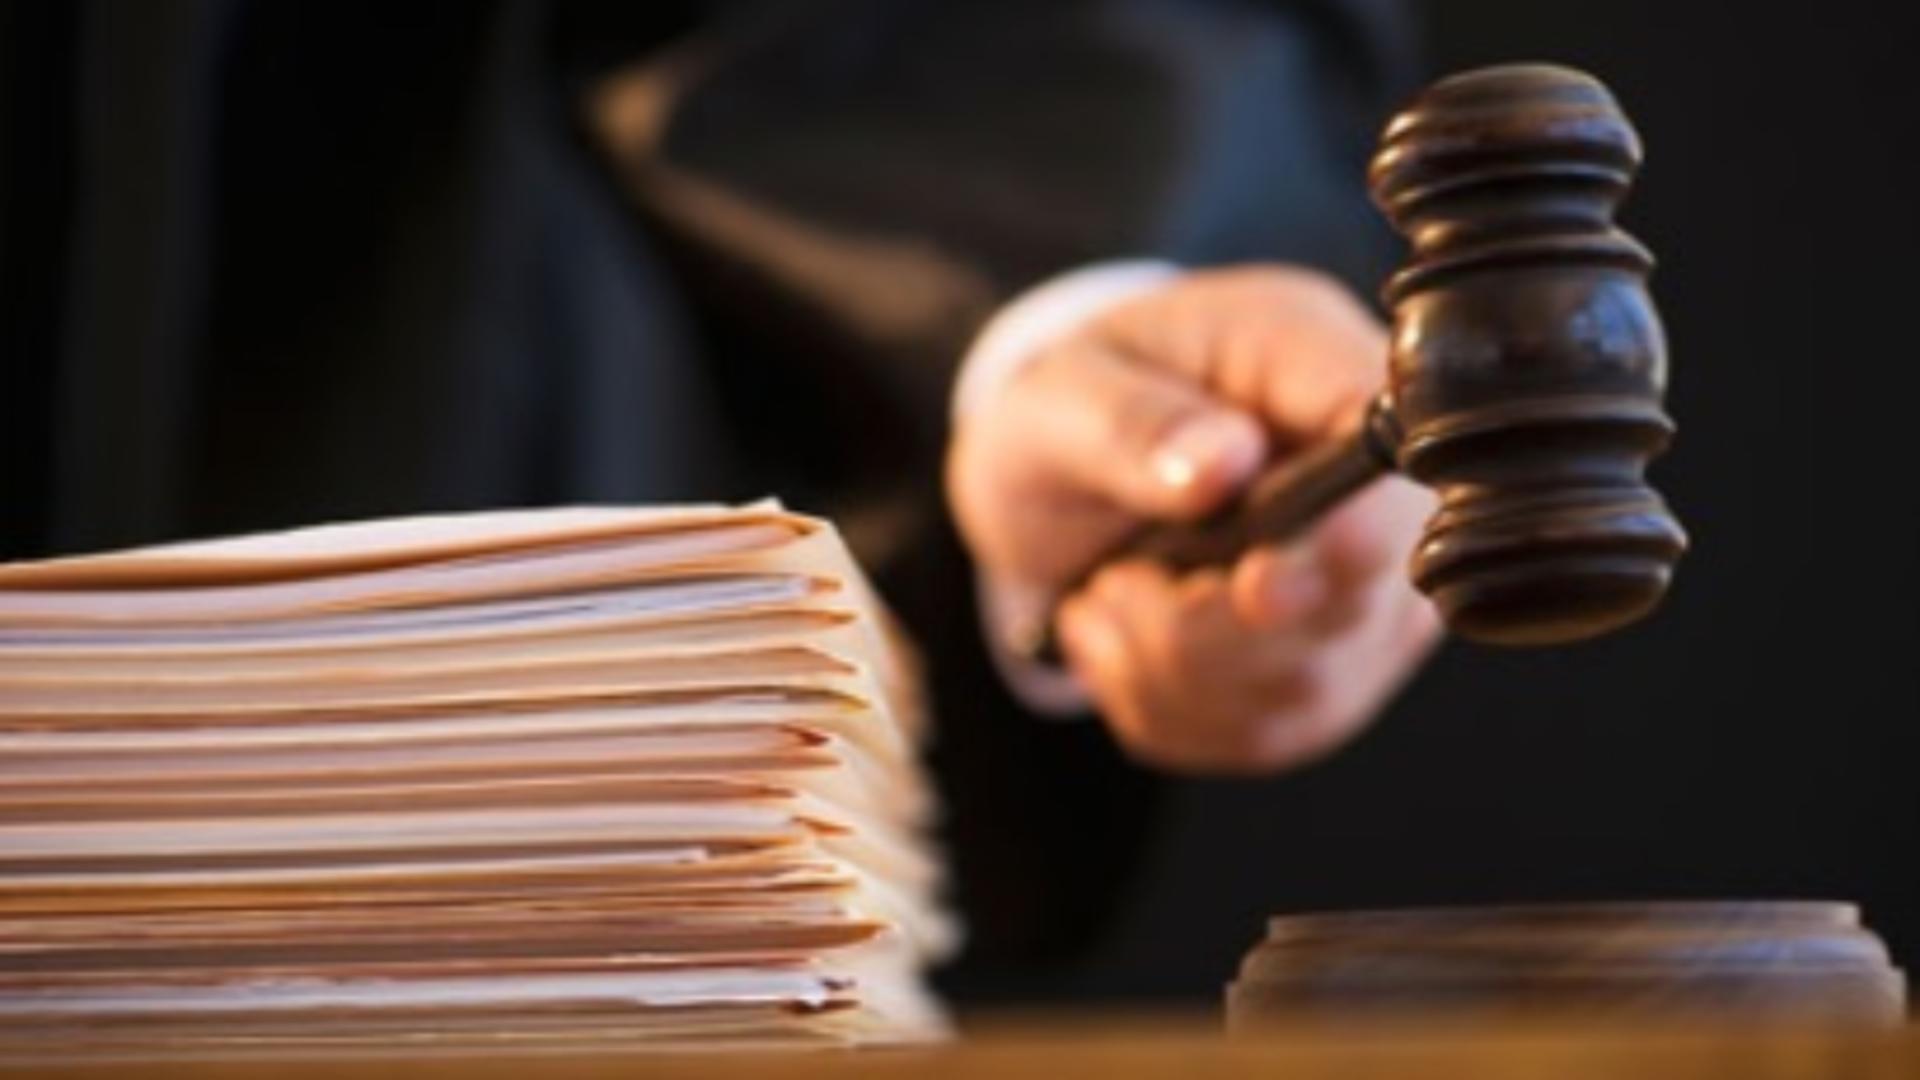 Fostul şef al Poliţiei Mizil, condamnat la închisoare cu suspendare pentru trafic de minori